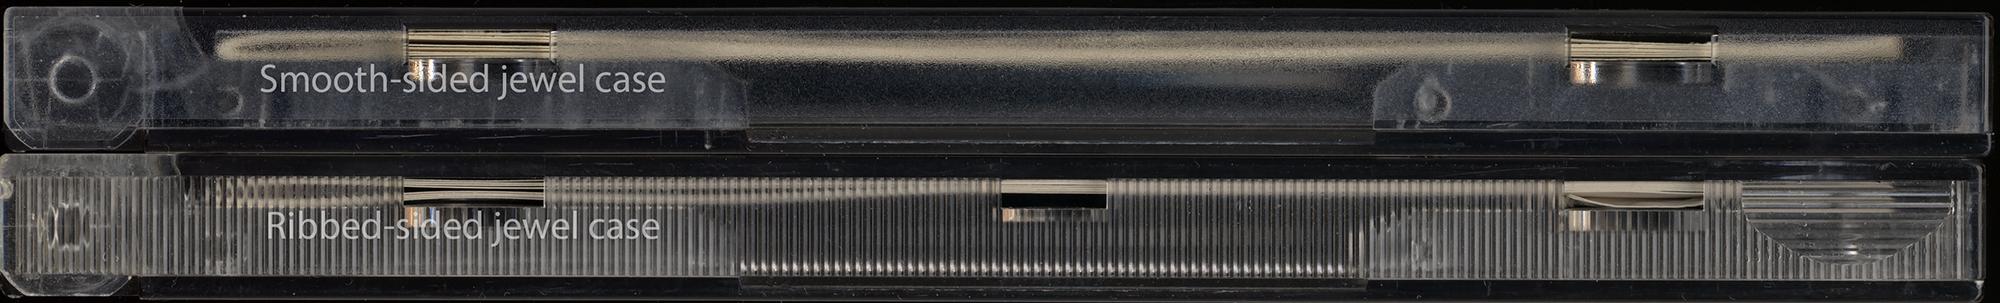 jewel case edge